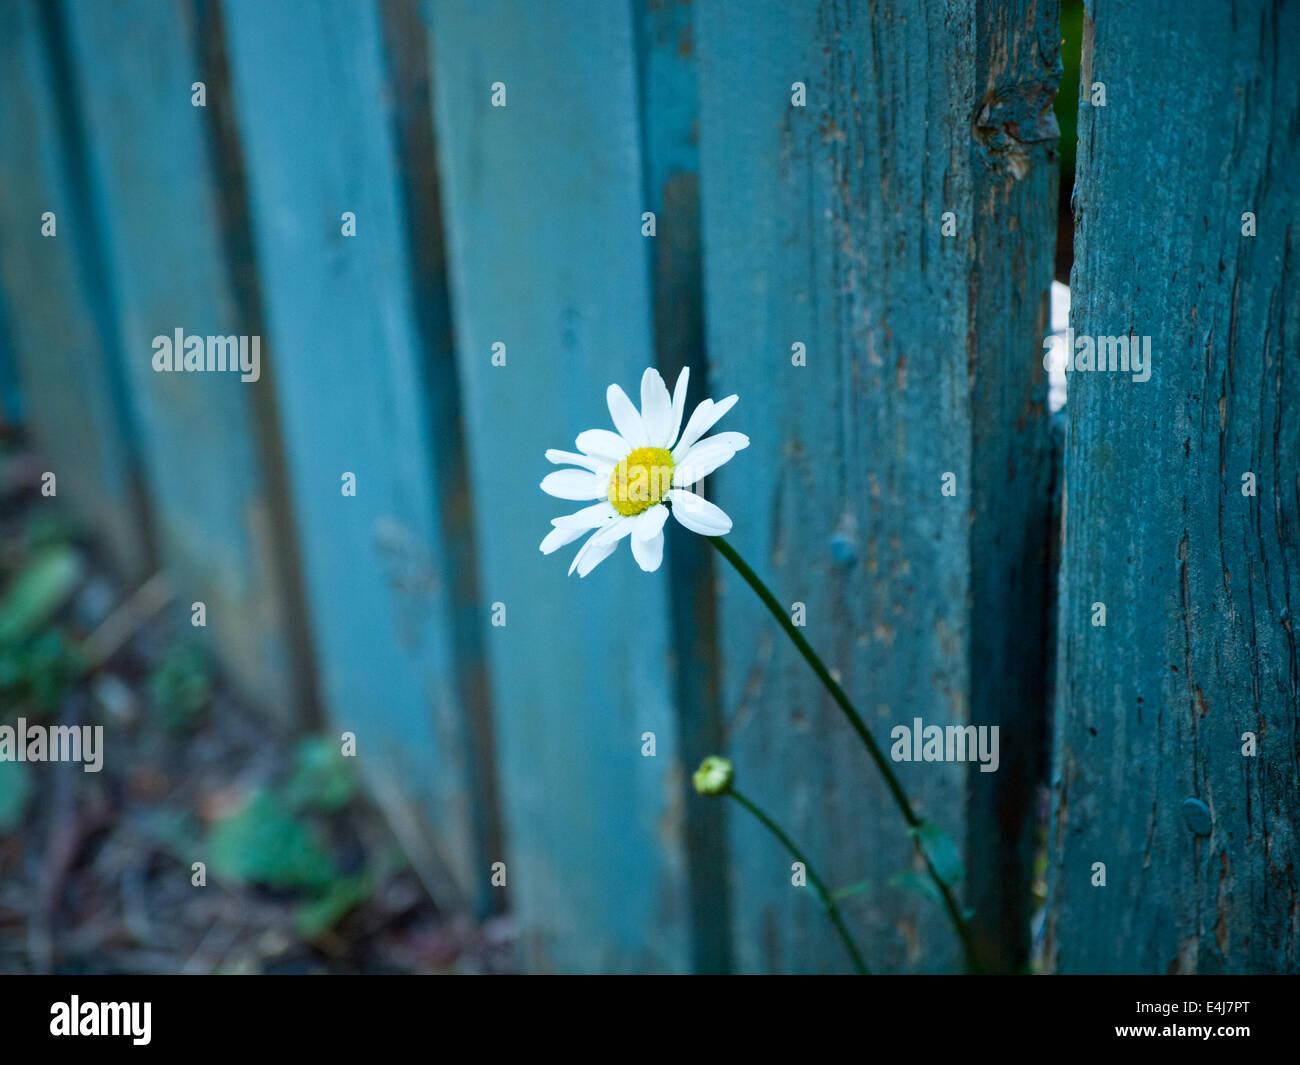 Una sola, Daisy blanco sobresale a través de un verde-azul, valla de madera. Victoria, British Columbia, Canadá. Imagen De Stock